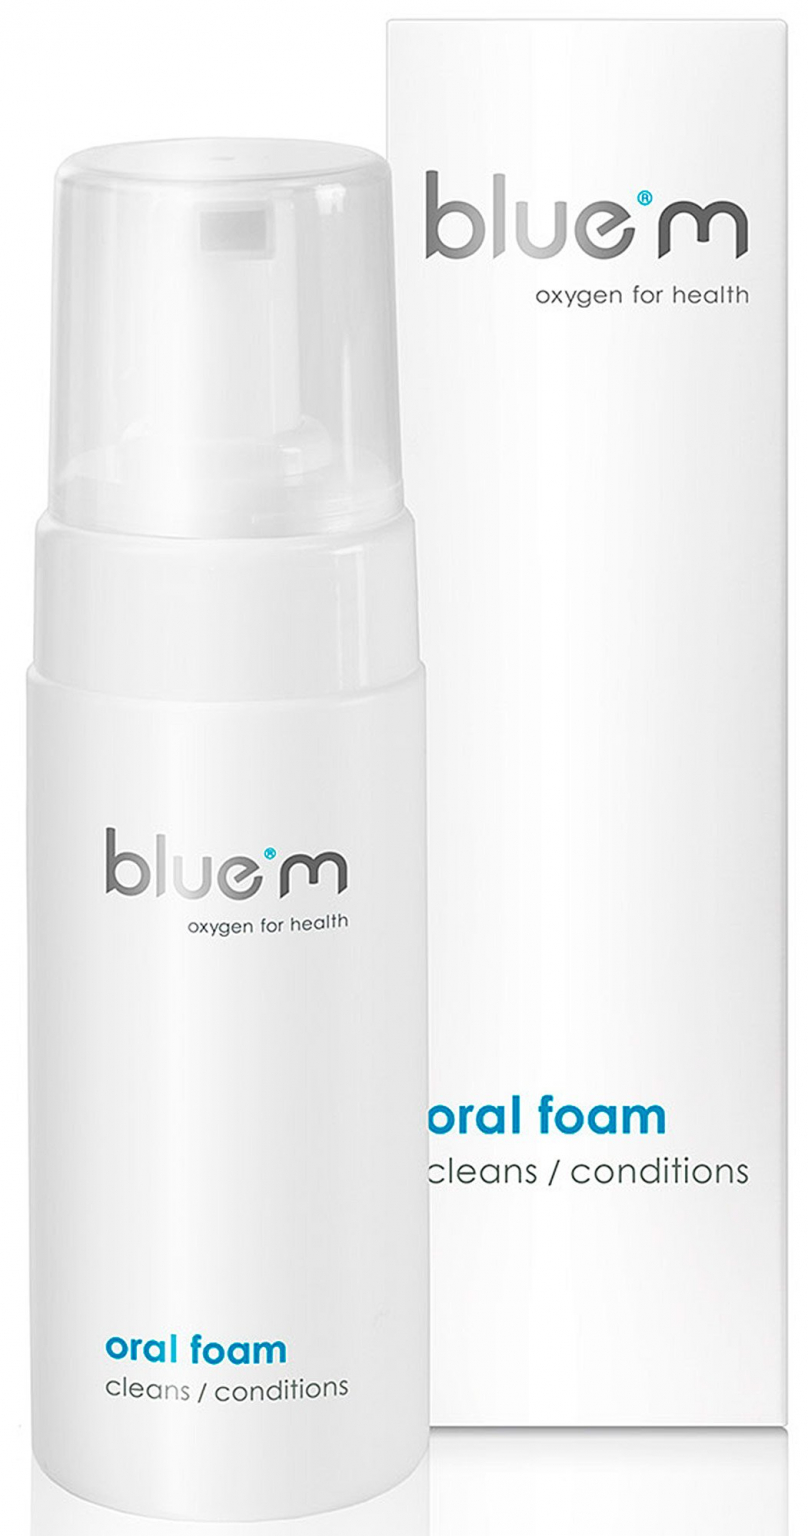 Пенка для зубов Bluem с активным кислородом 100 мл